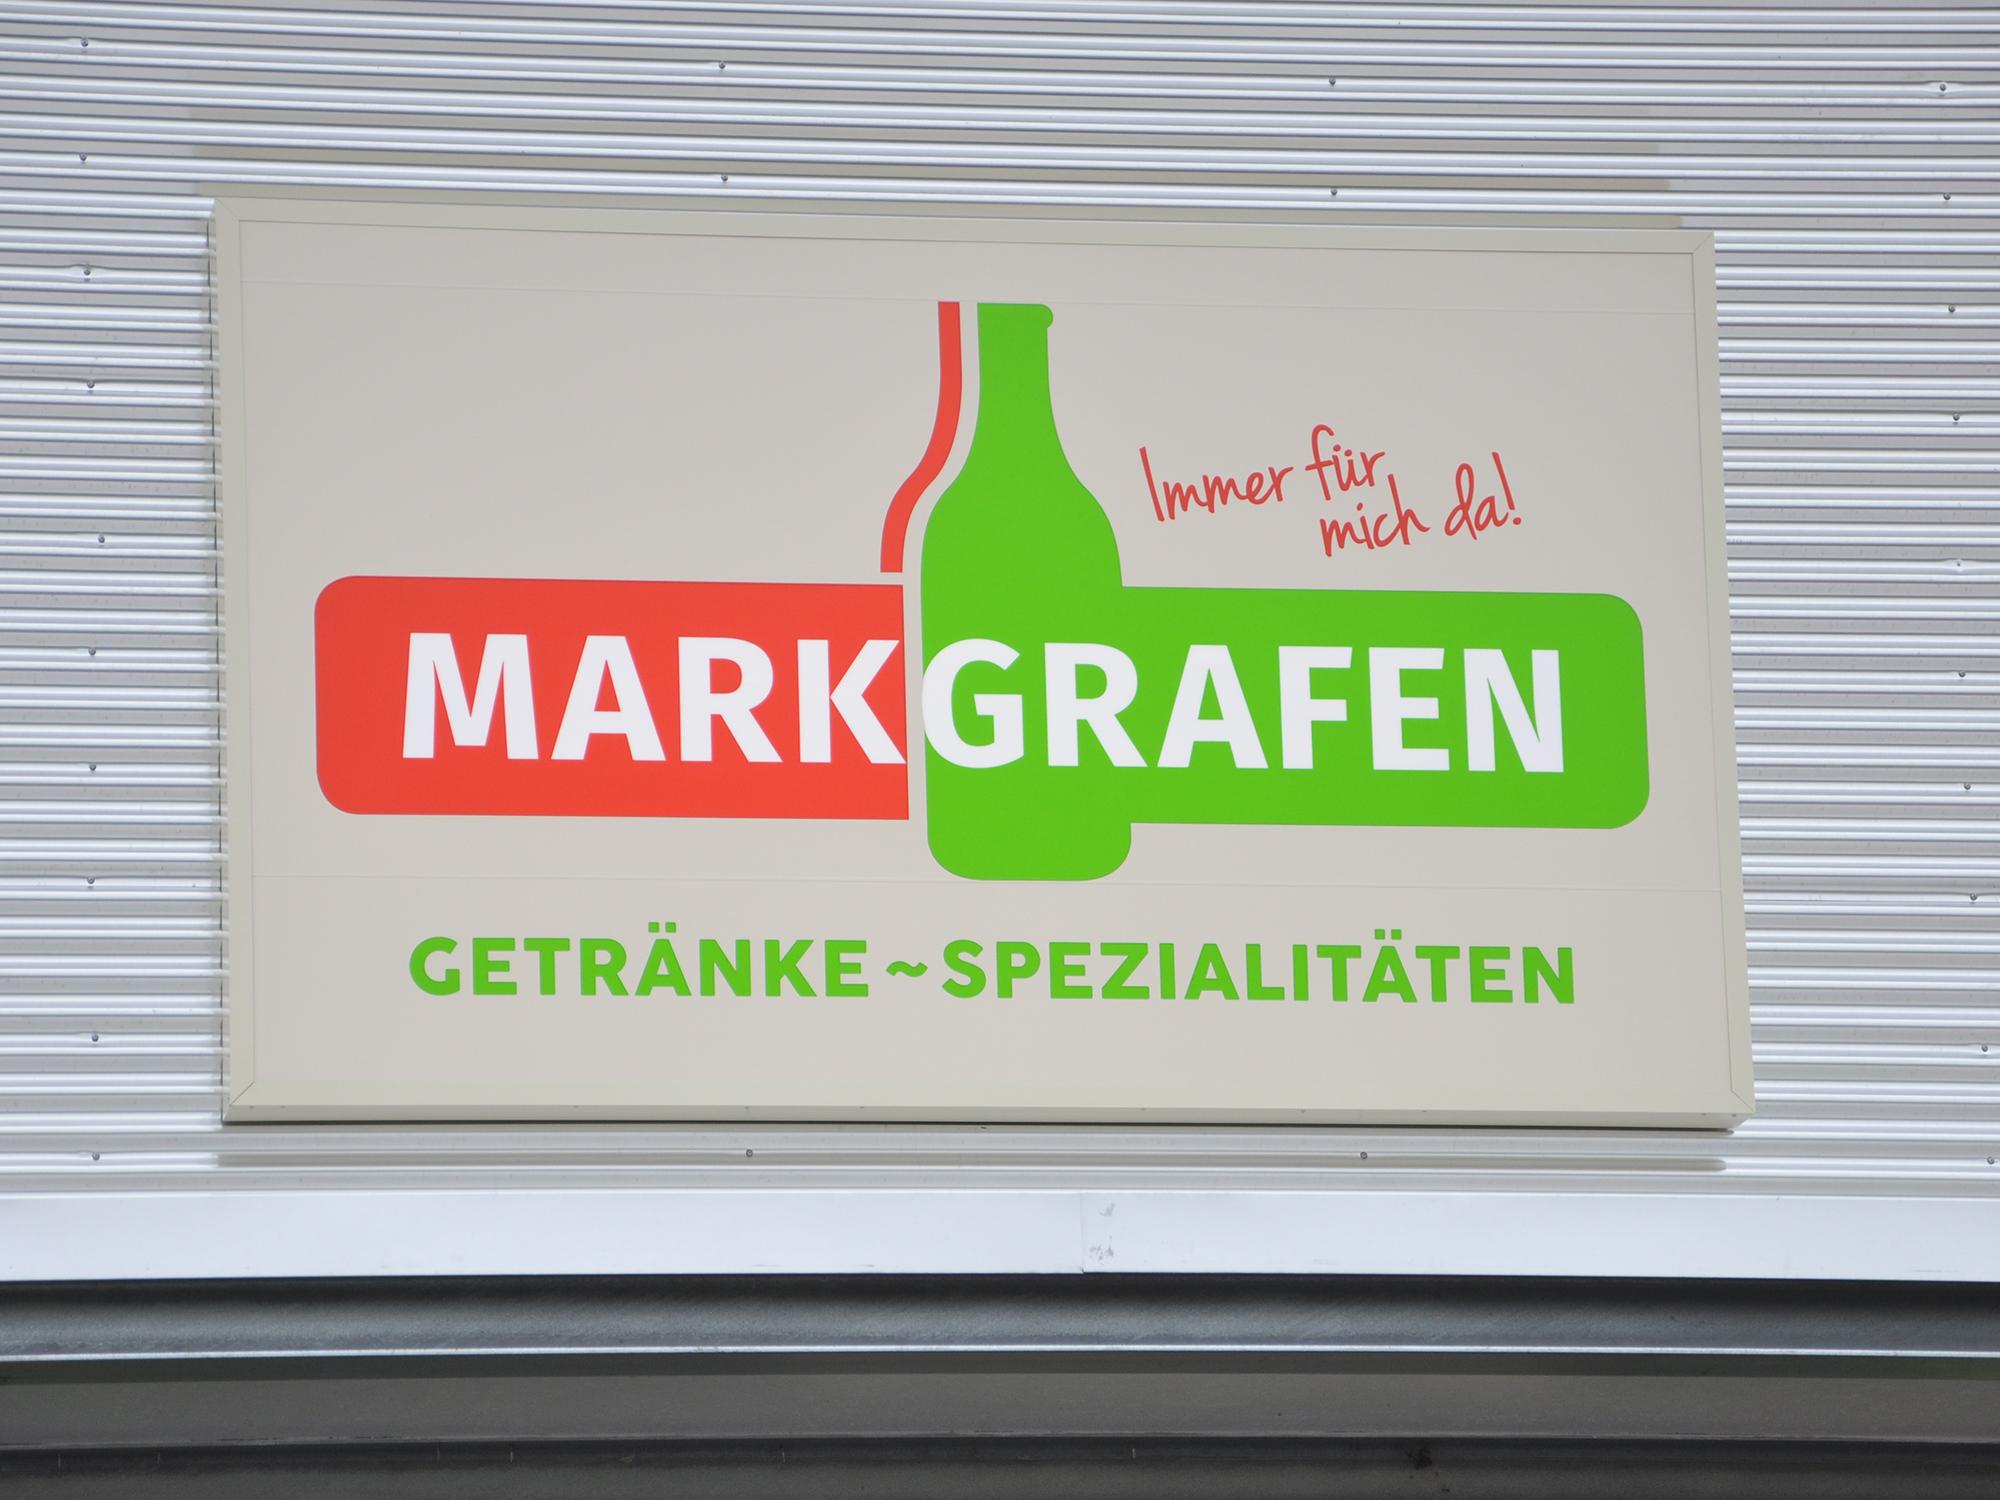 Leuchtkasten für eine neue Filiale Markgrafen Getränke